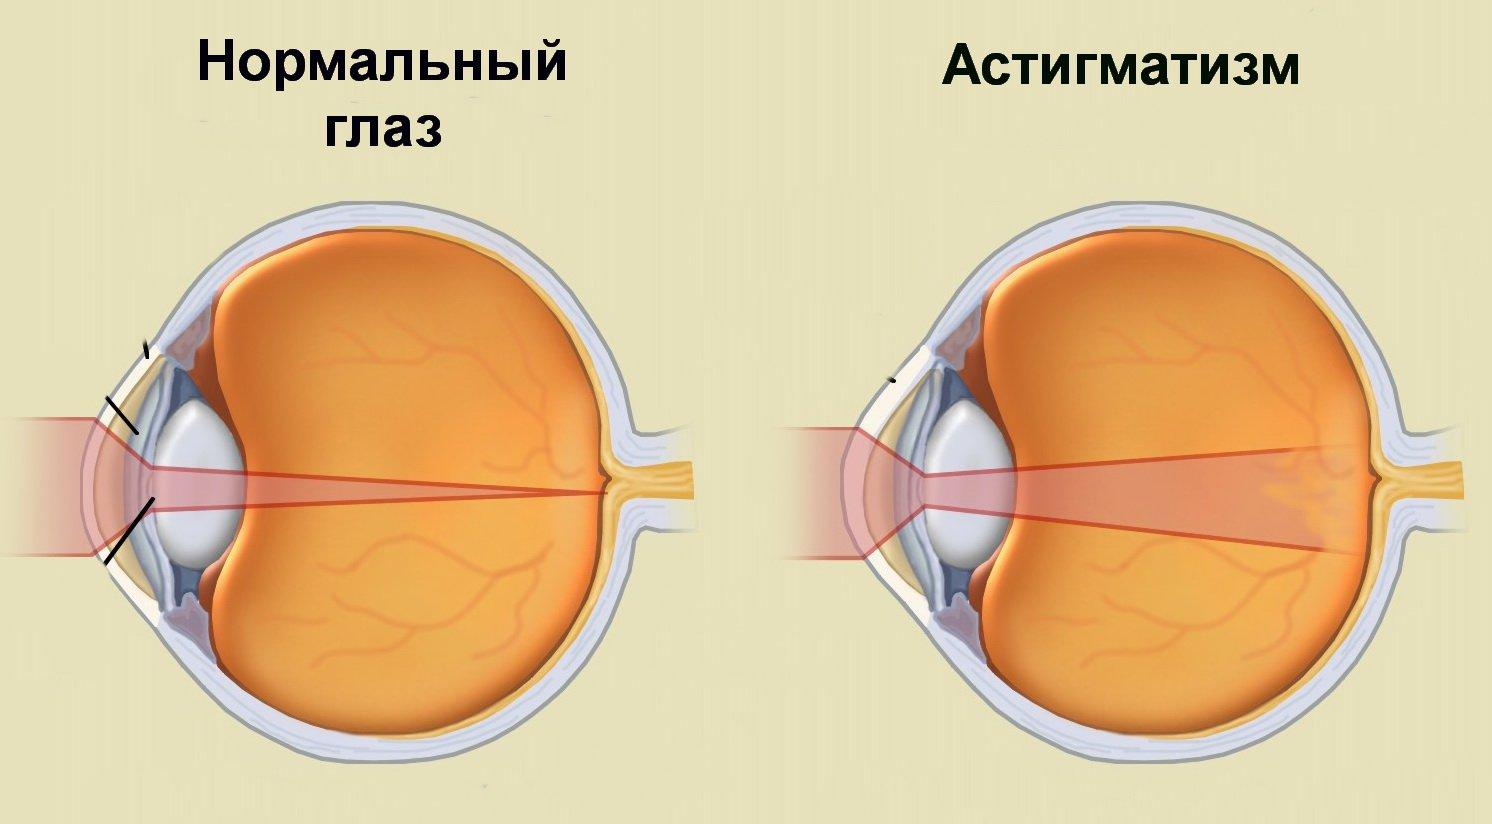 lehetséges-e a látás helyreállítása 8 évre? látomás hány dioptriát